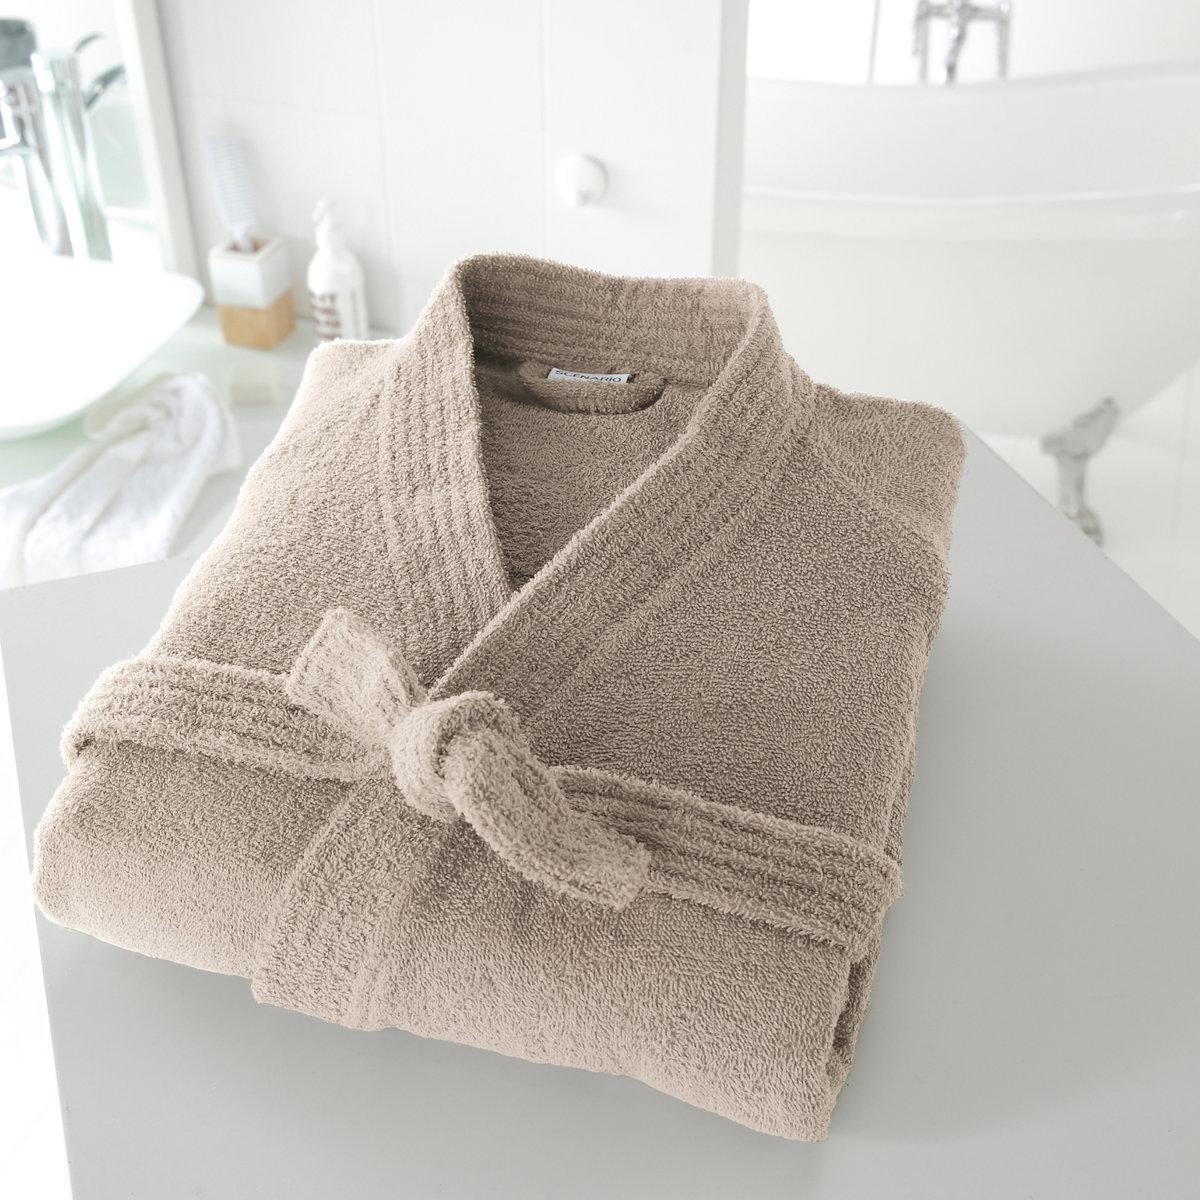 Халат-кимоно 350 г/м?Халат-кимоно с длинными рукавами 350 г/м?, 100% хлопка : нежный, мягкий и отлично впитывающий.яркая цветовая гамма: 18 цветов на выбор. Описание халата:Этот халат имеет знак качества Valeur S?re, протестирован и проконтролирован в лаборатории.2 накладных кармана, пояс под шлевками. Легок в уходе: отлично сохраняет цвет при стирке при 60°. Машинная сушка.Длина халата: 110 - 113 см.<br><br>Цвет: белый,голубой бирюзовый,гренадин,светло-серый,серо-бежевый,фиолетовый,черный<br>Размер: 42/44 (FR) - 48/50 (RUS).38/40 (FR) - 44/46 (RUS).46/48 (FR) - 52/54 (RUS).38/40 (FR) - 44/46 (RUS).42/44 (FR) - 48/50 (RUS).38/40 (FR) - 44/46 (RUS).46/48 (FR) - 52/54 (RUS).50/52 (FR) - 56/58 (RUS).46/48 (FR) - 52/54 (RUS)